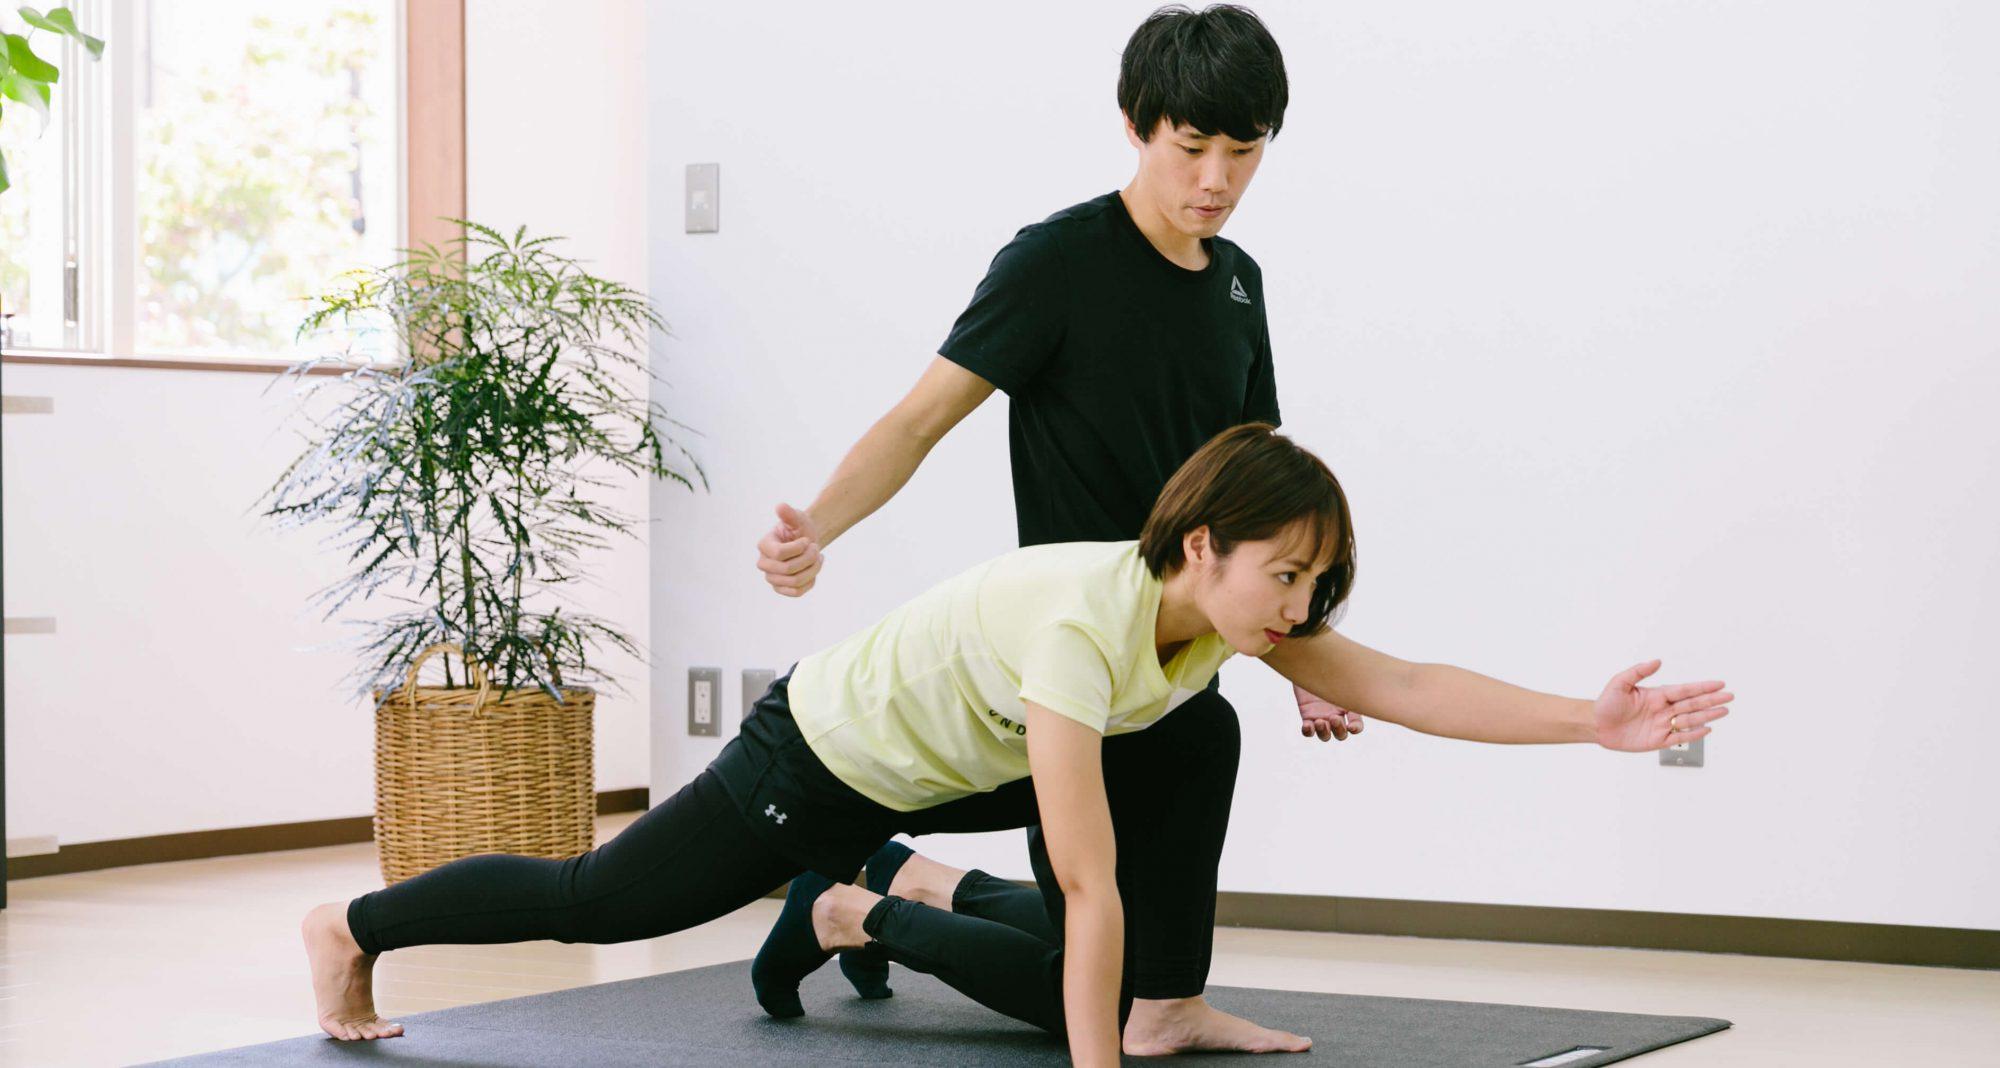 Normcore Training|福山で猫背改善から始めるパーソナルトレーニング